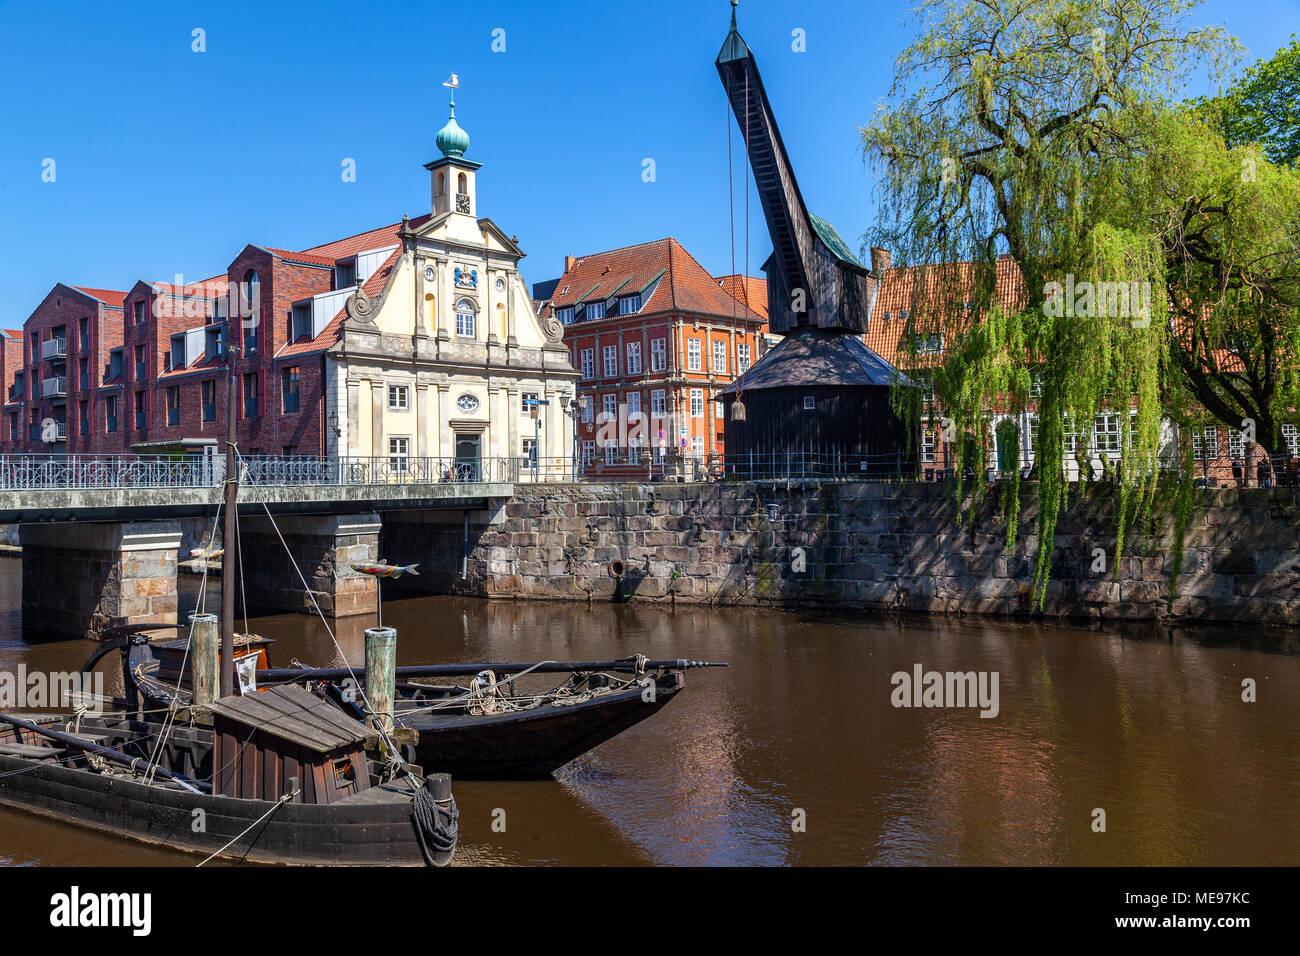 Alter Kran am Stintmarkt, Lüneburg, Niedersachen, Deutschland - Stock Image